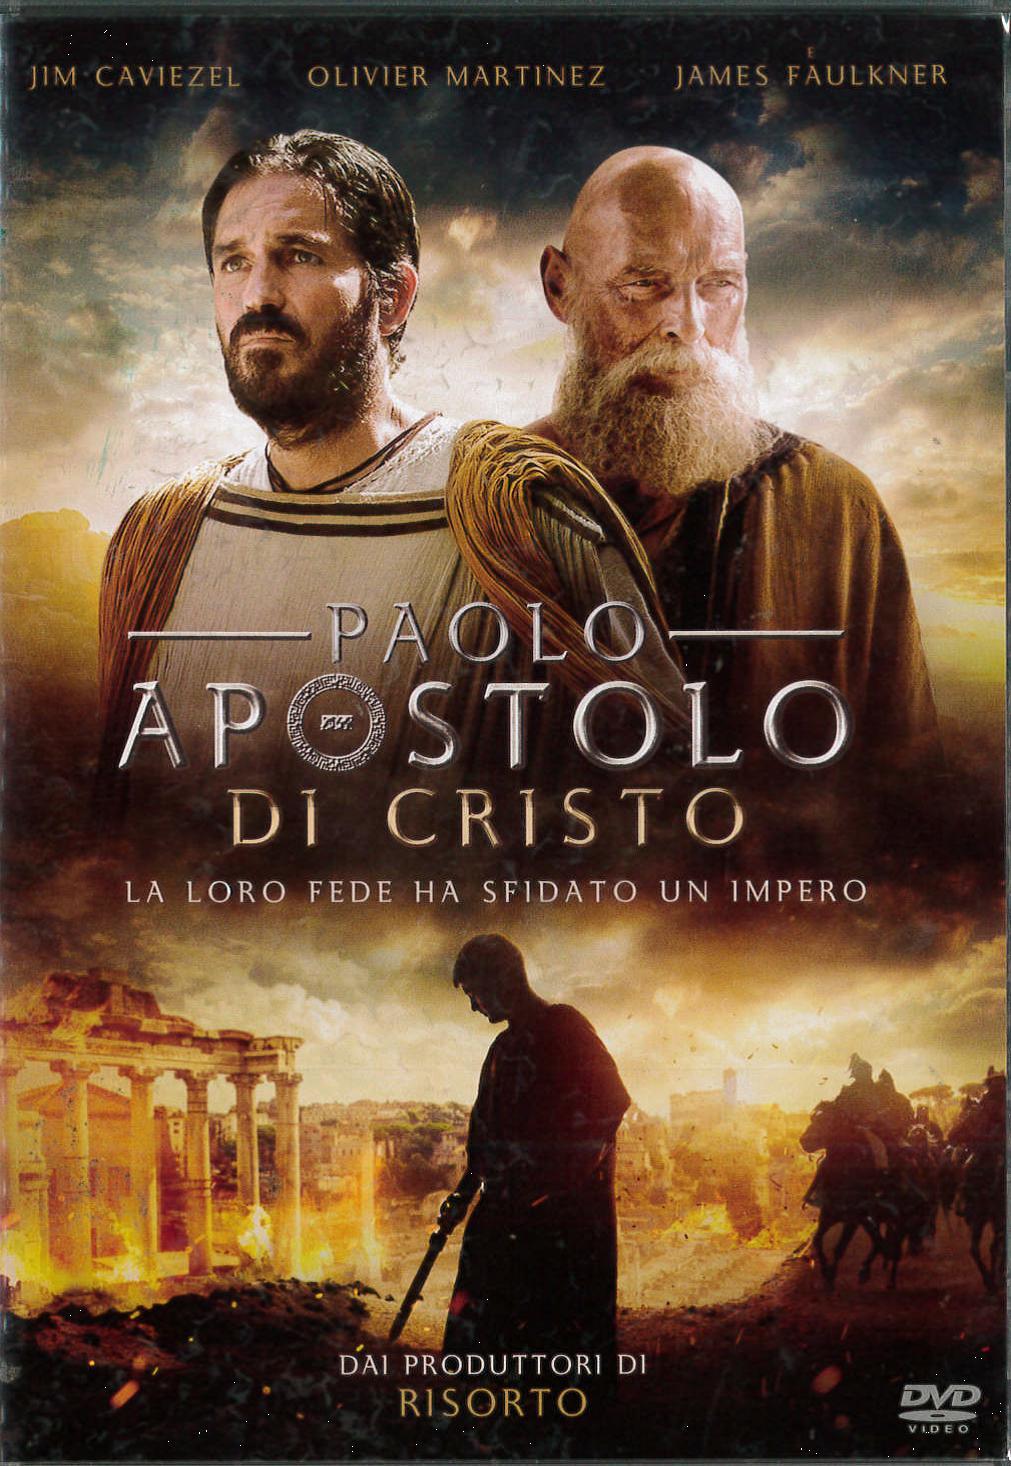 PAOLO APOSTOLO DI CRISTO (DVD)